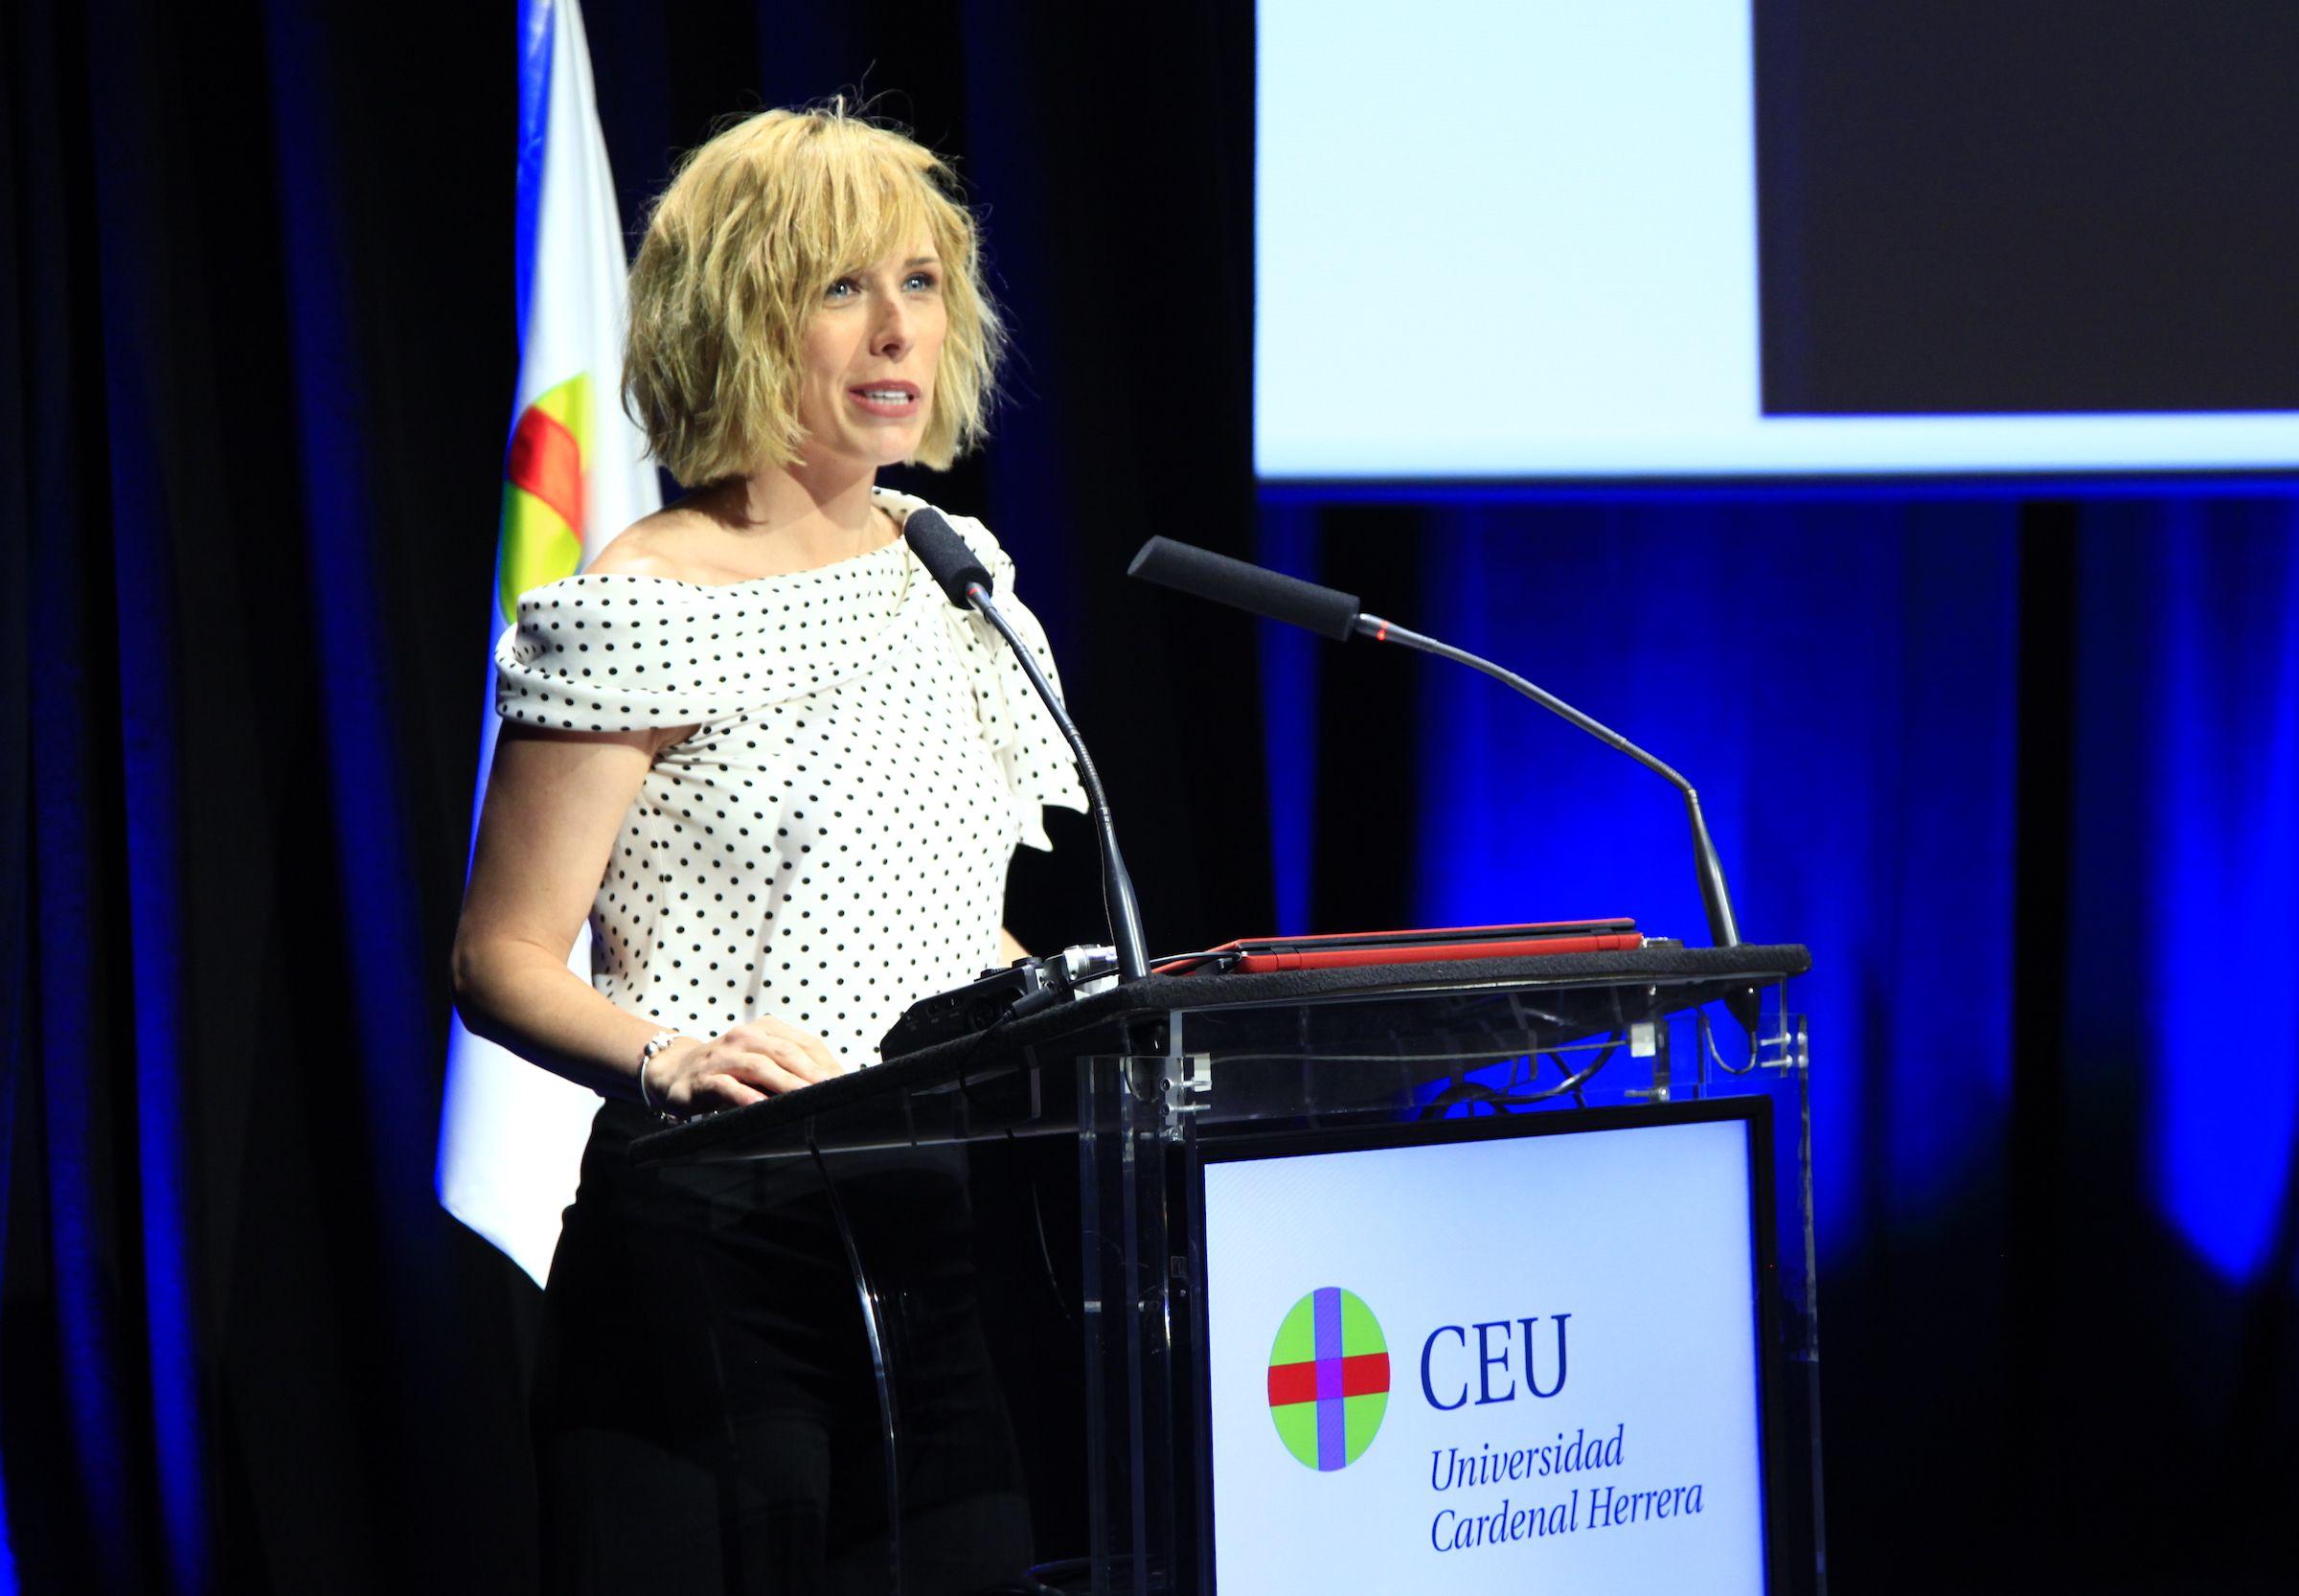 La alumni CEU y presentadora de Antena 3 Noticias María José Sáez ha sido la madrina de las nuevas promociones de comunicadores de la CEU UCH.